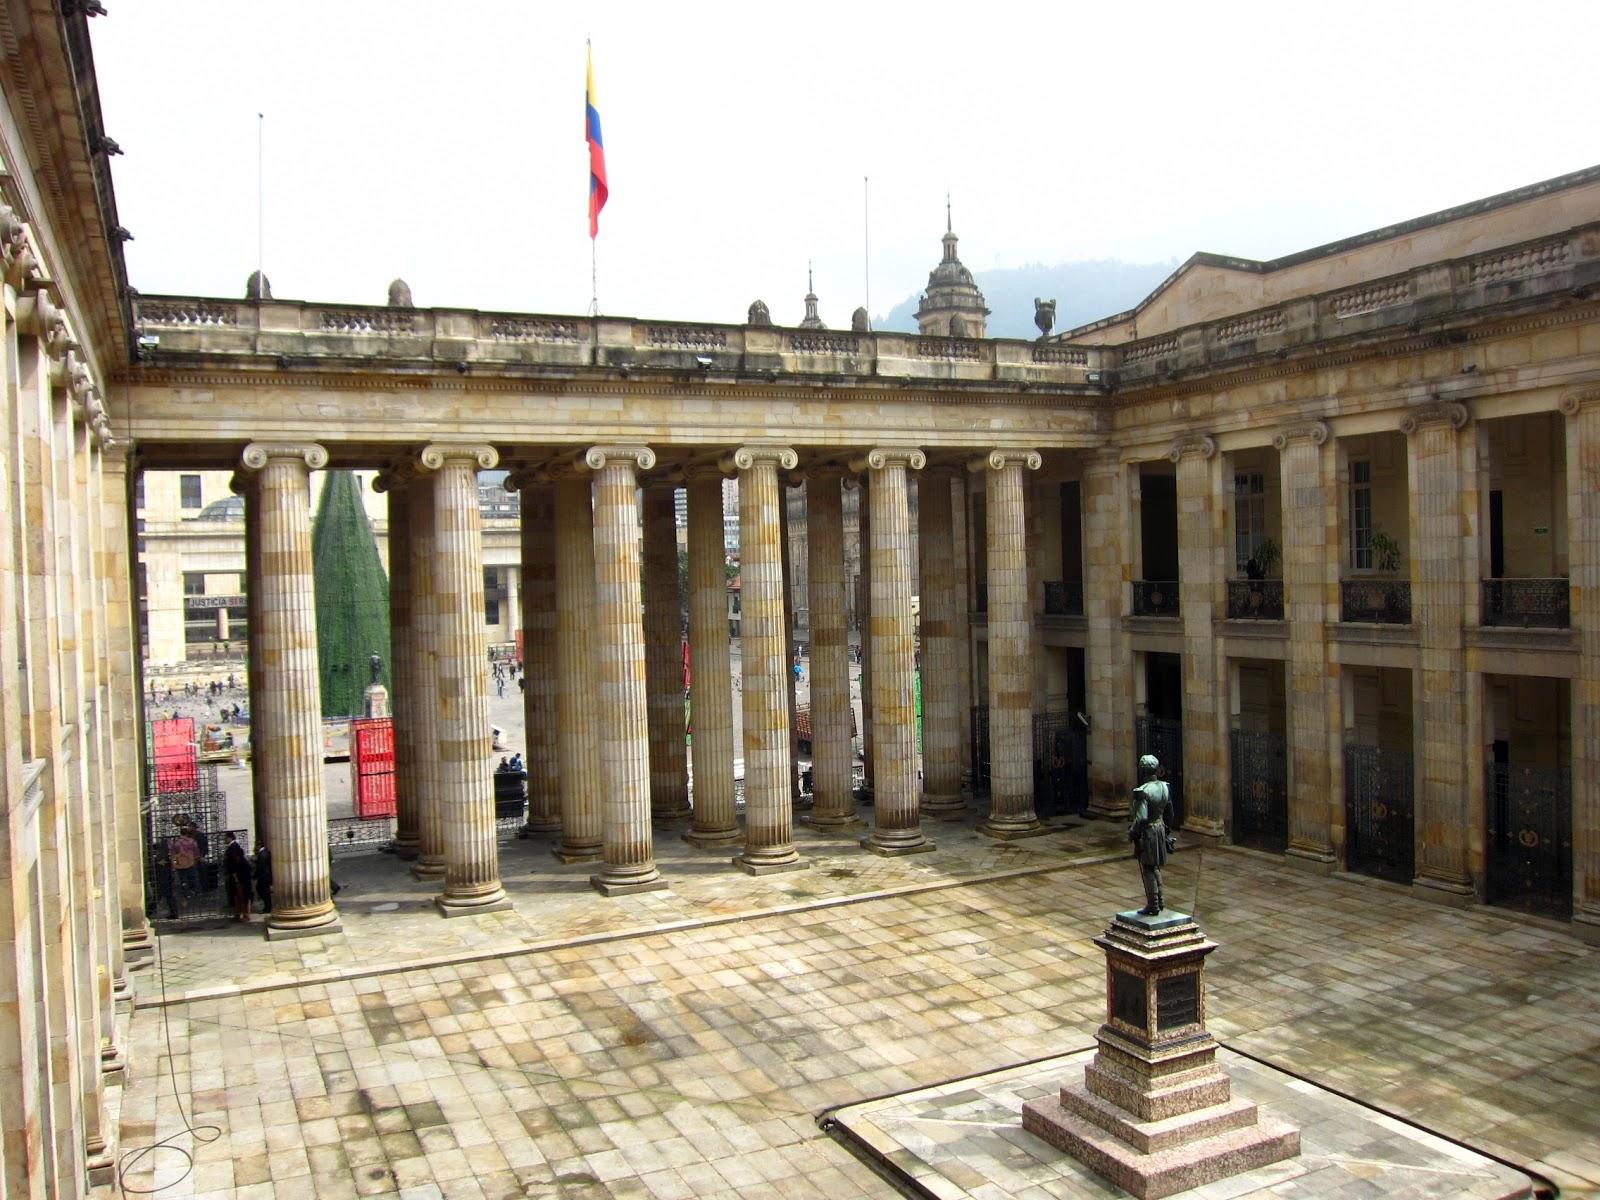 Colombian school buildings